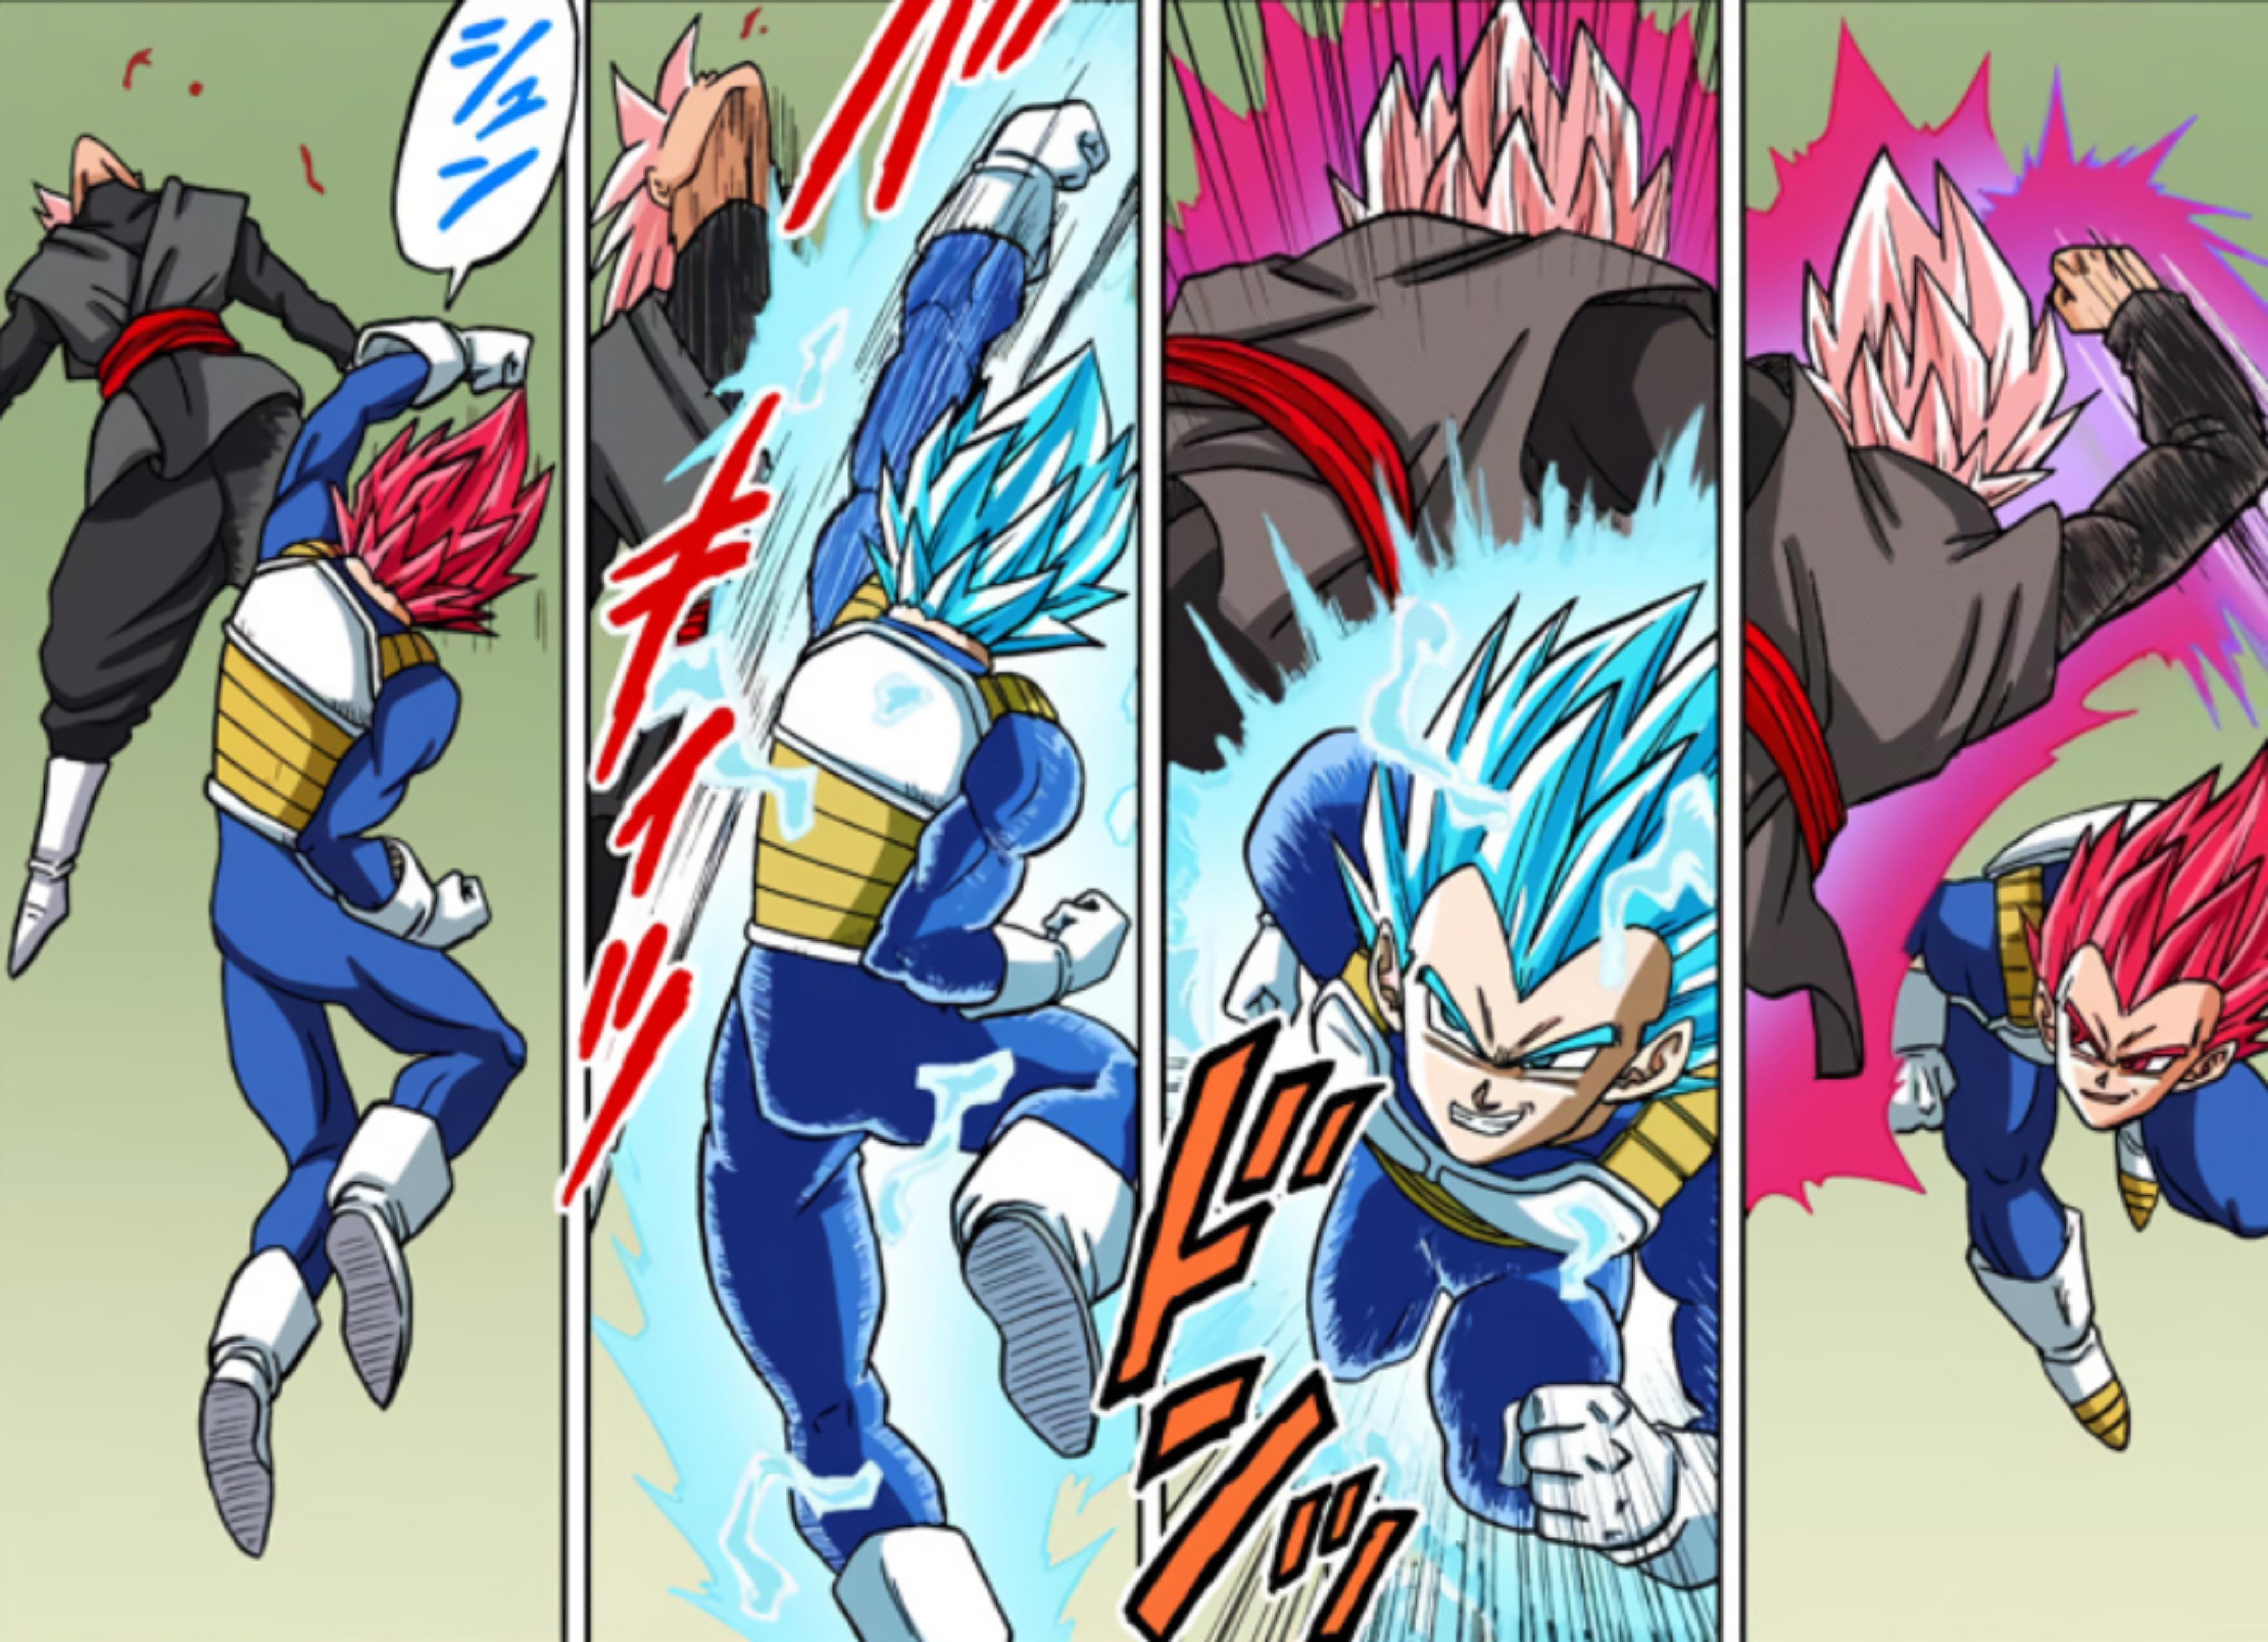 Super Saiyan God-to-Blue switching